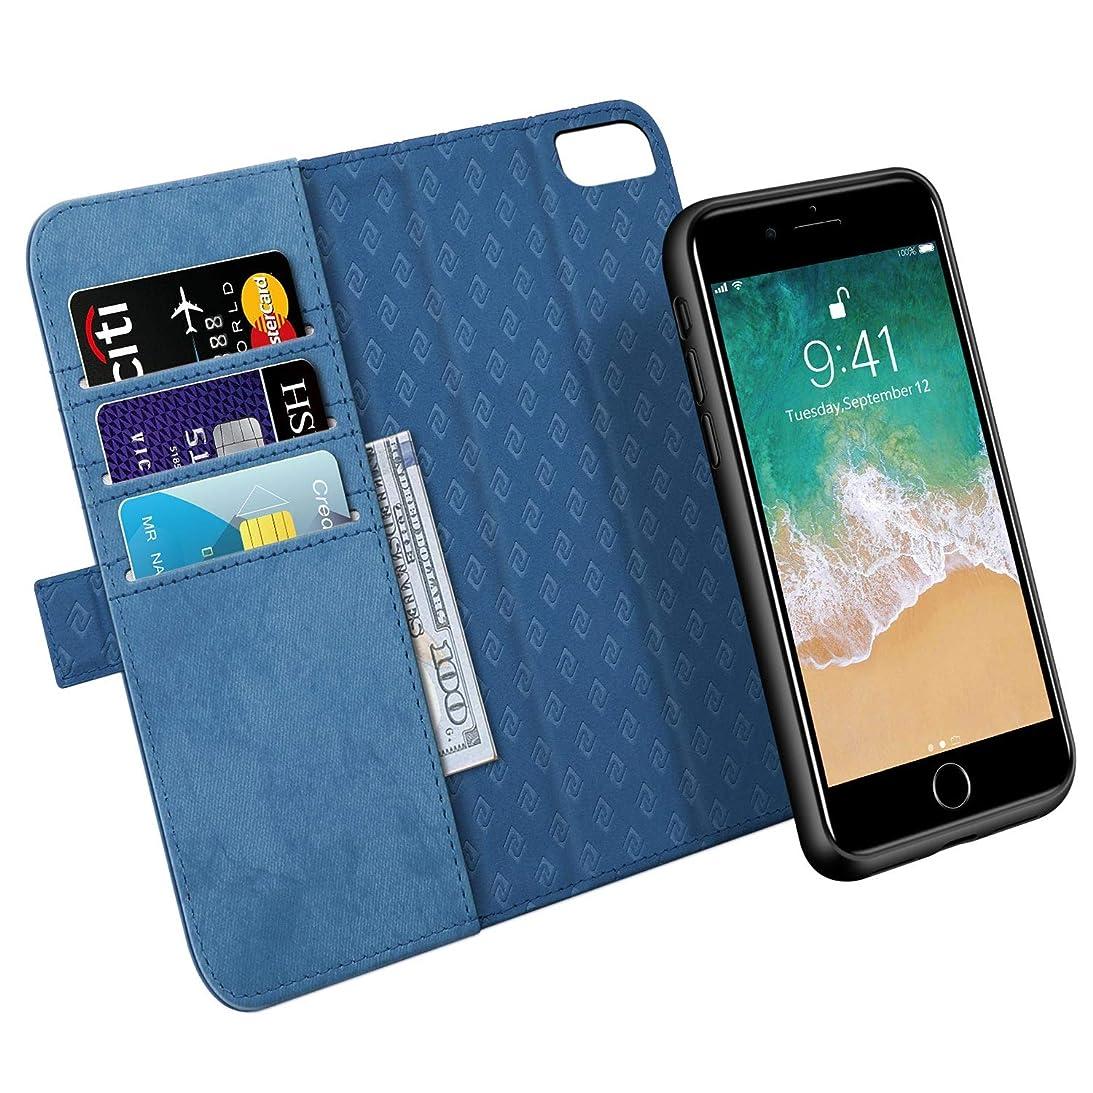 美容師同志これまでiPhone 6 Plus ケース iPhone 7 Plus ケース iPhone 8 Plus ケース 手帳型 取り外しな財布型 サイドマグネット なカバー アイフォン6 プラスケース アイフォン7 プラスケース アイフォン8 プラスケース 手帳型 全面保護 スタンド機能 耐汚れ 耐衝撃(5.5インチ用 ネイビー)Navy Blue